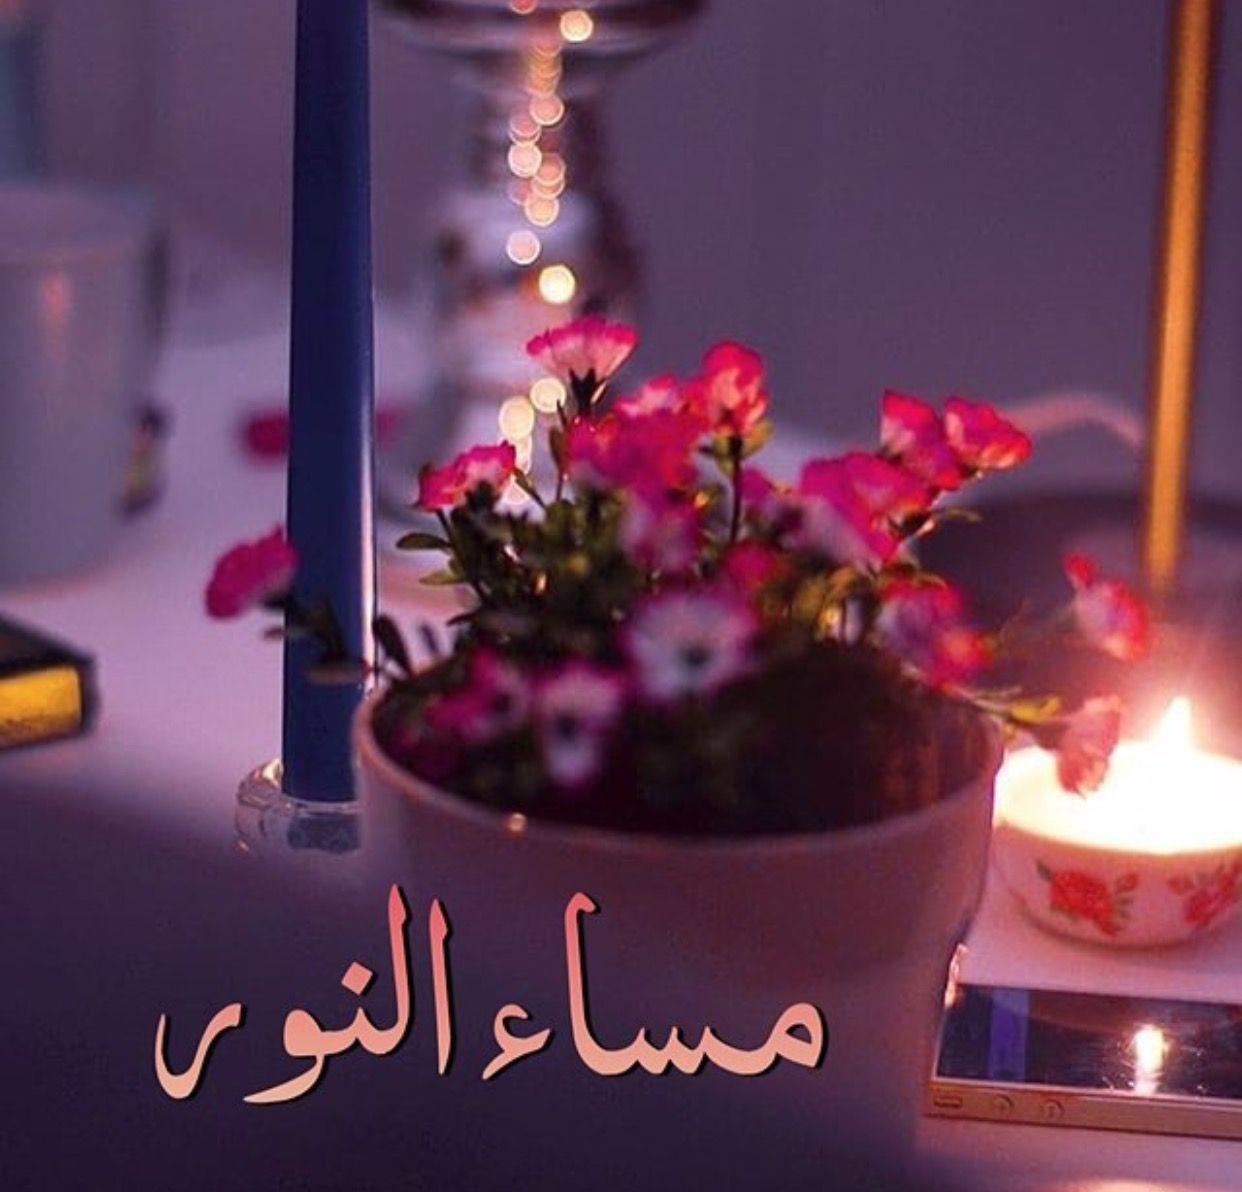 صورة مساء النور , اجمل عبارات مساء النور